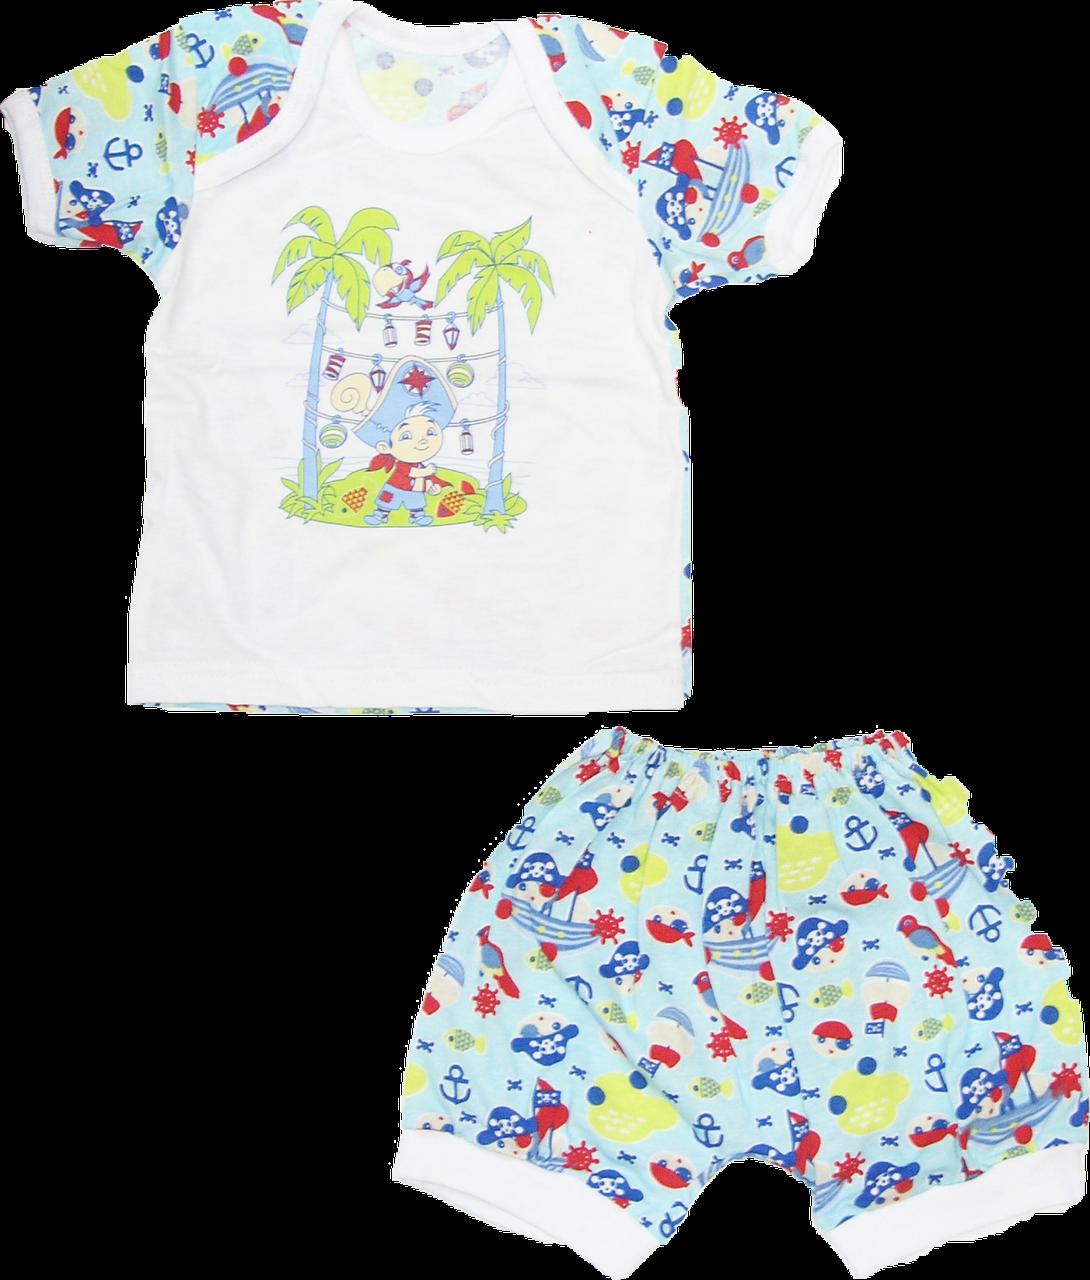 80212417305e8 Детский летний костюмчик комплект для мальчика футболка, шортики, хлопок ( кулир) р.